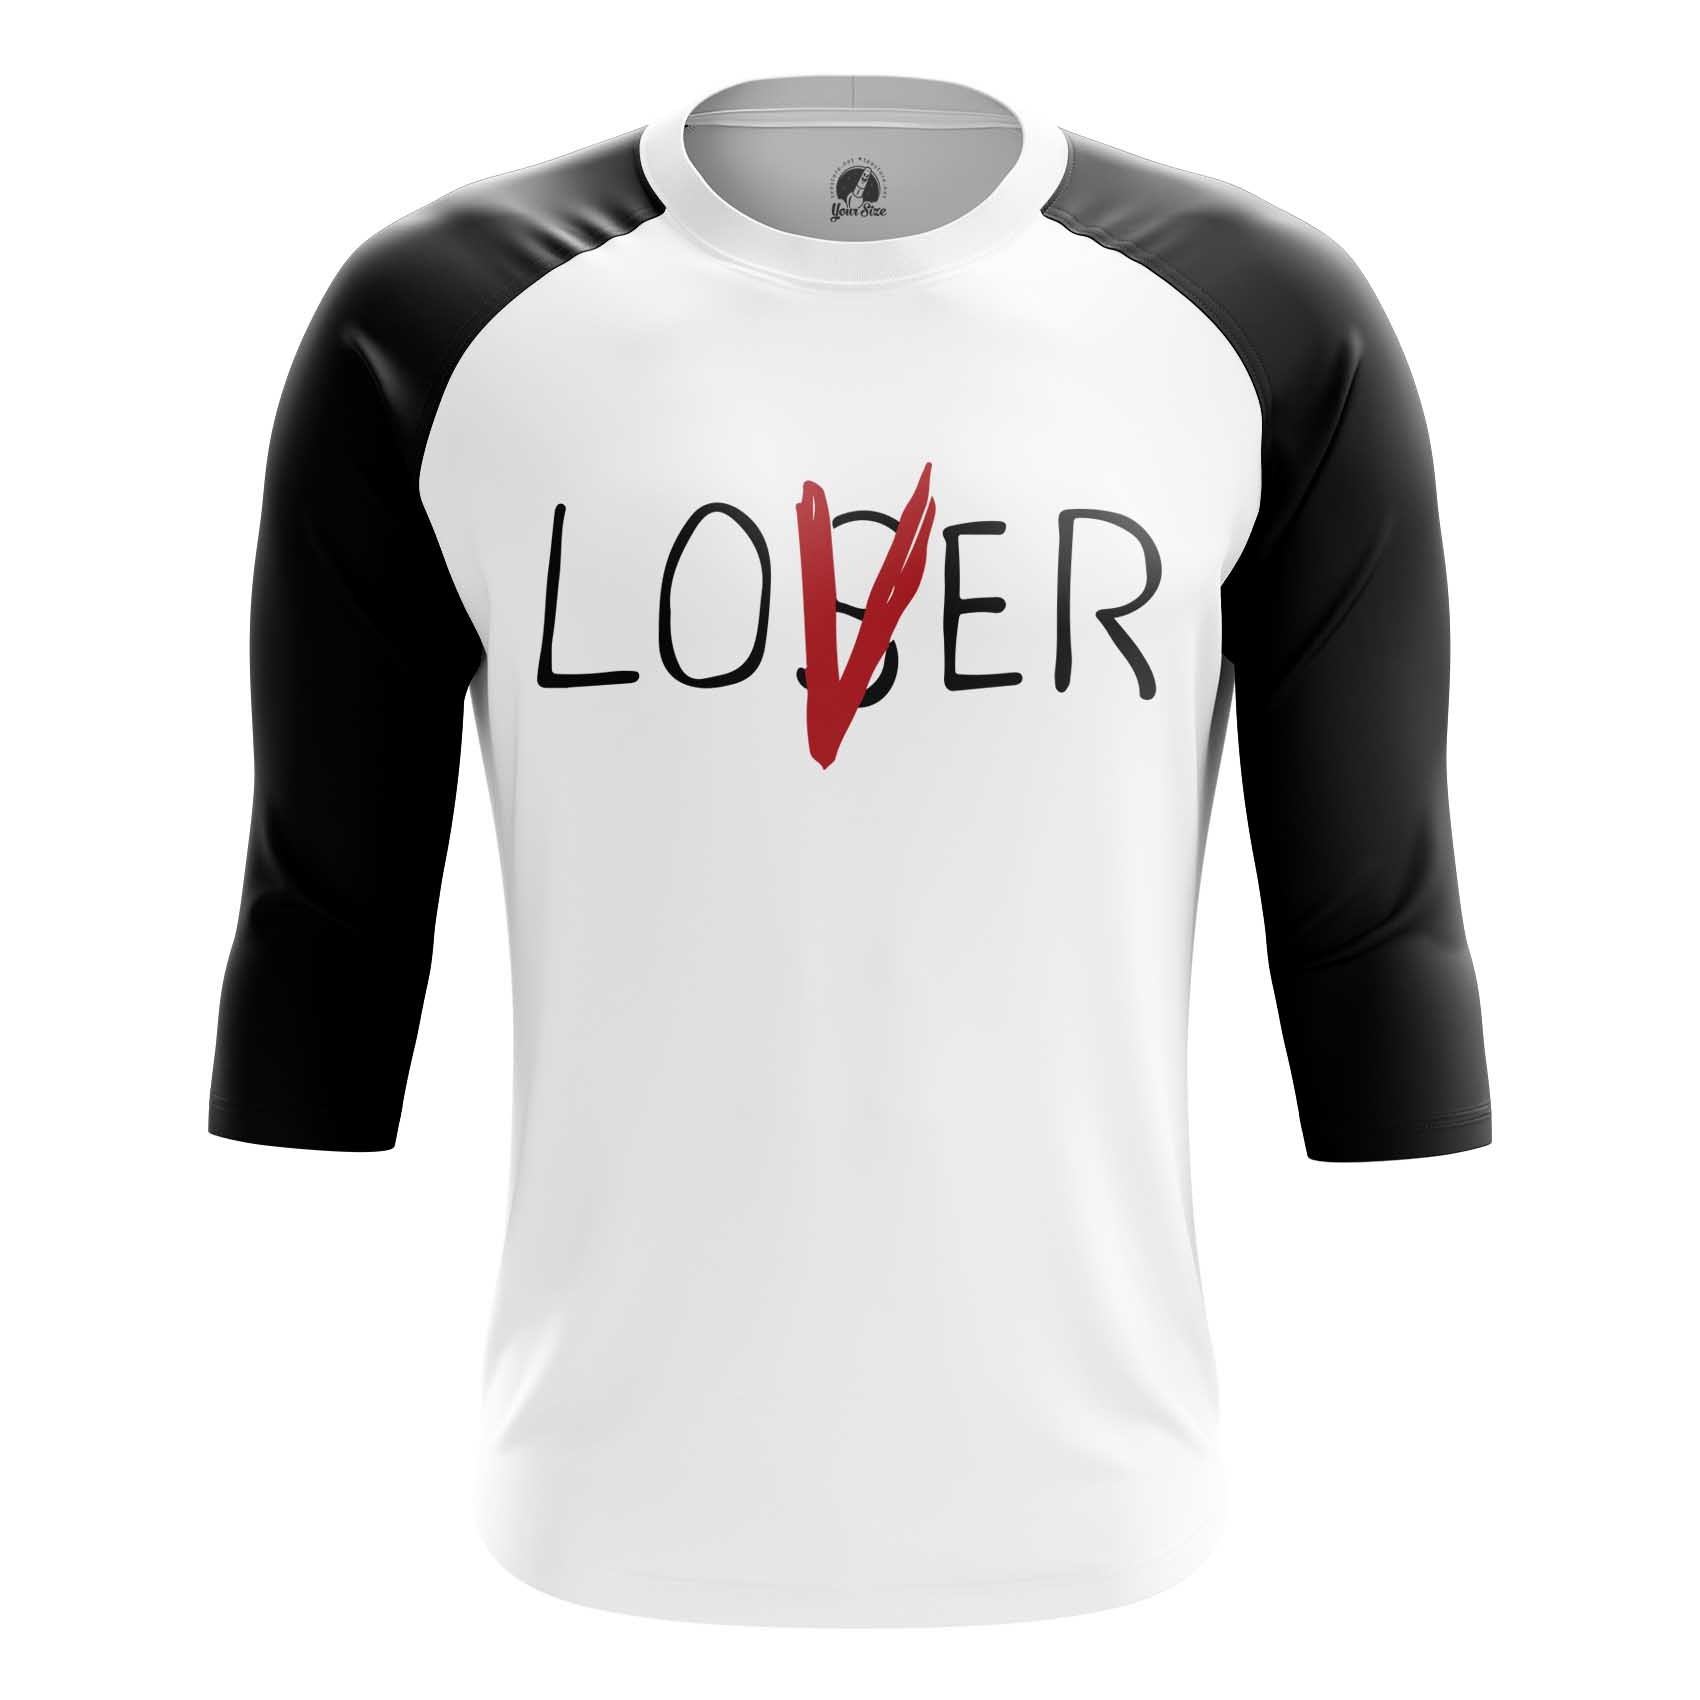 Merch Tank Loser Lover It Stephen King 2017 Vest